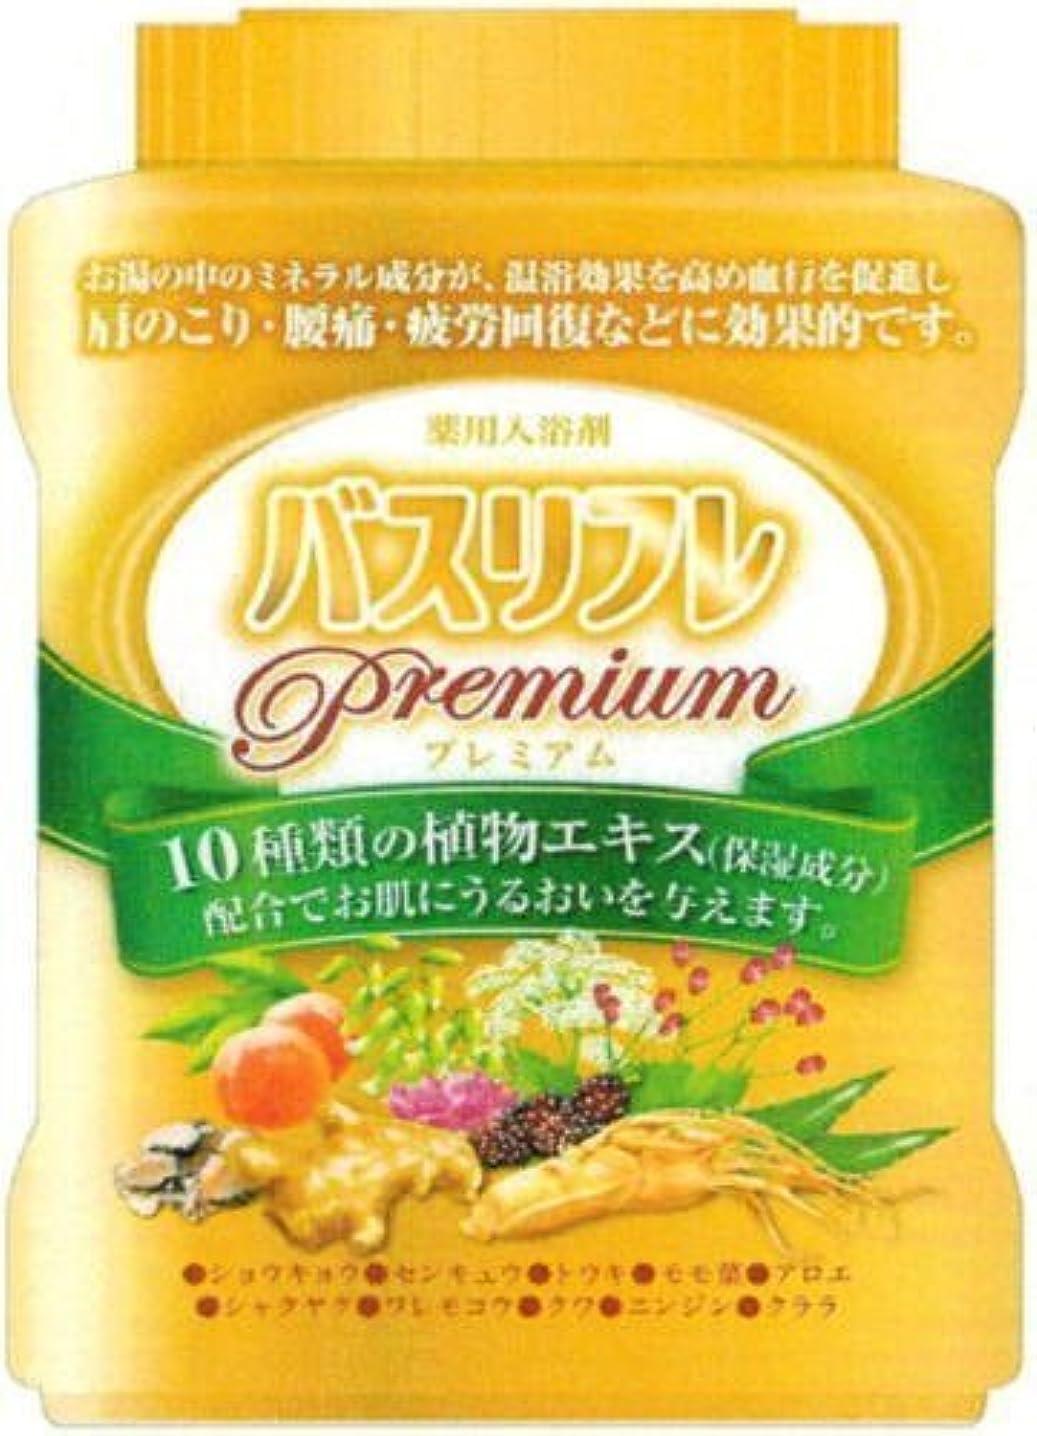 戻す先生取り除くライオンケミカル バスリフレ 薬用入浴剤プレミアム 680g Japan